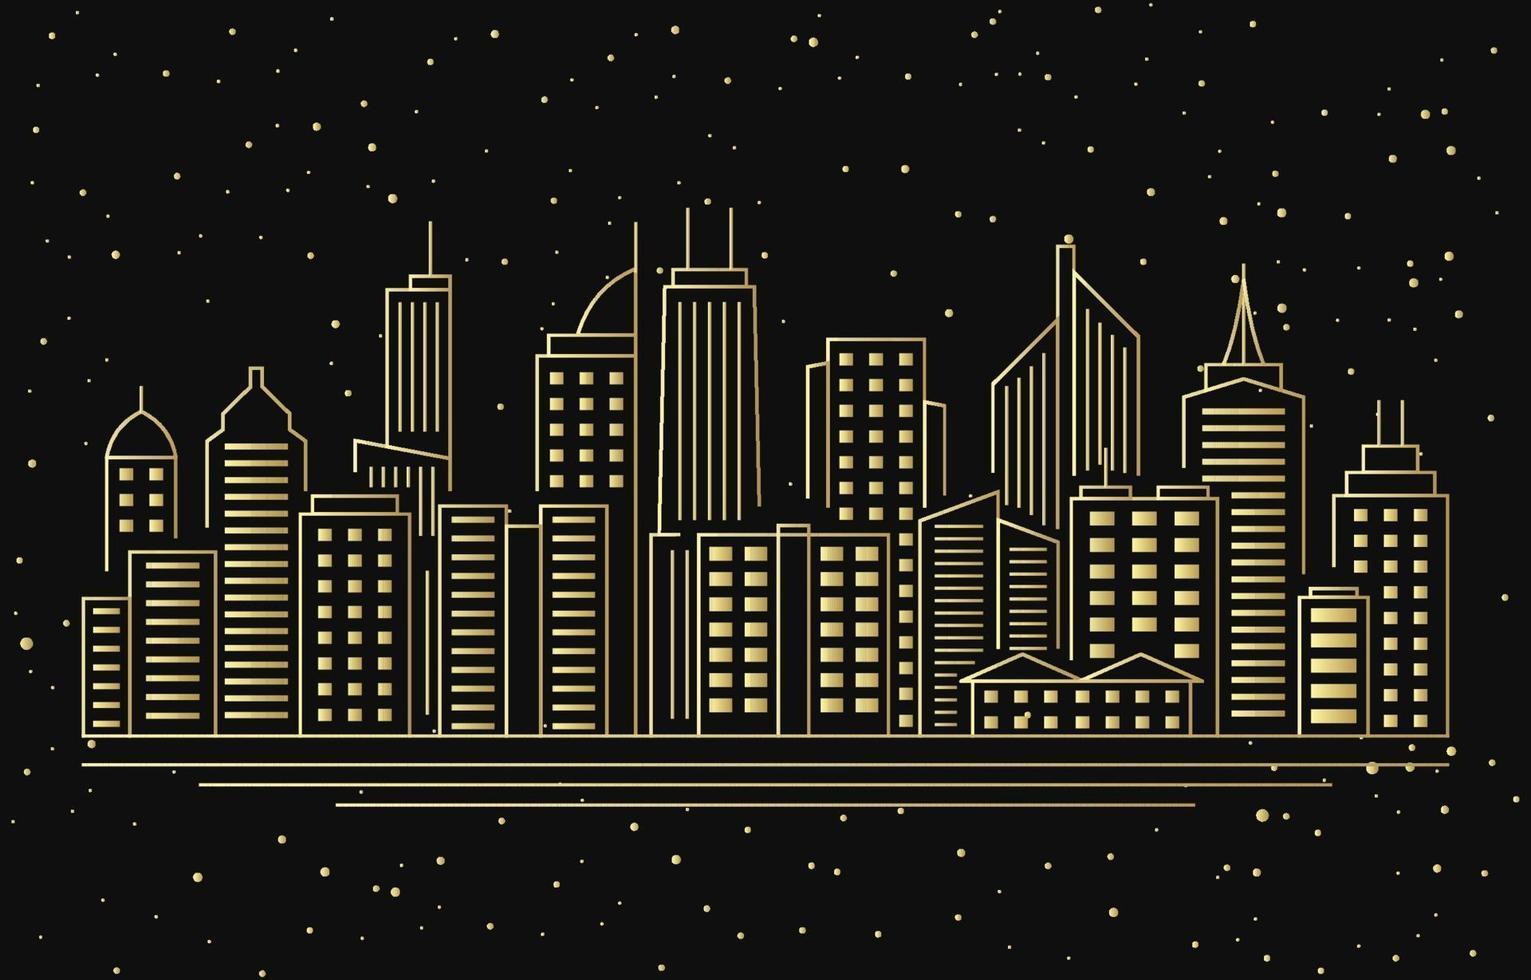 Nacht städtische Stadt Gebäude Stadtbild Landschaft Linie Illustration vektor